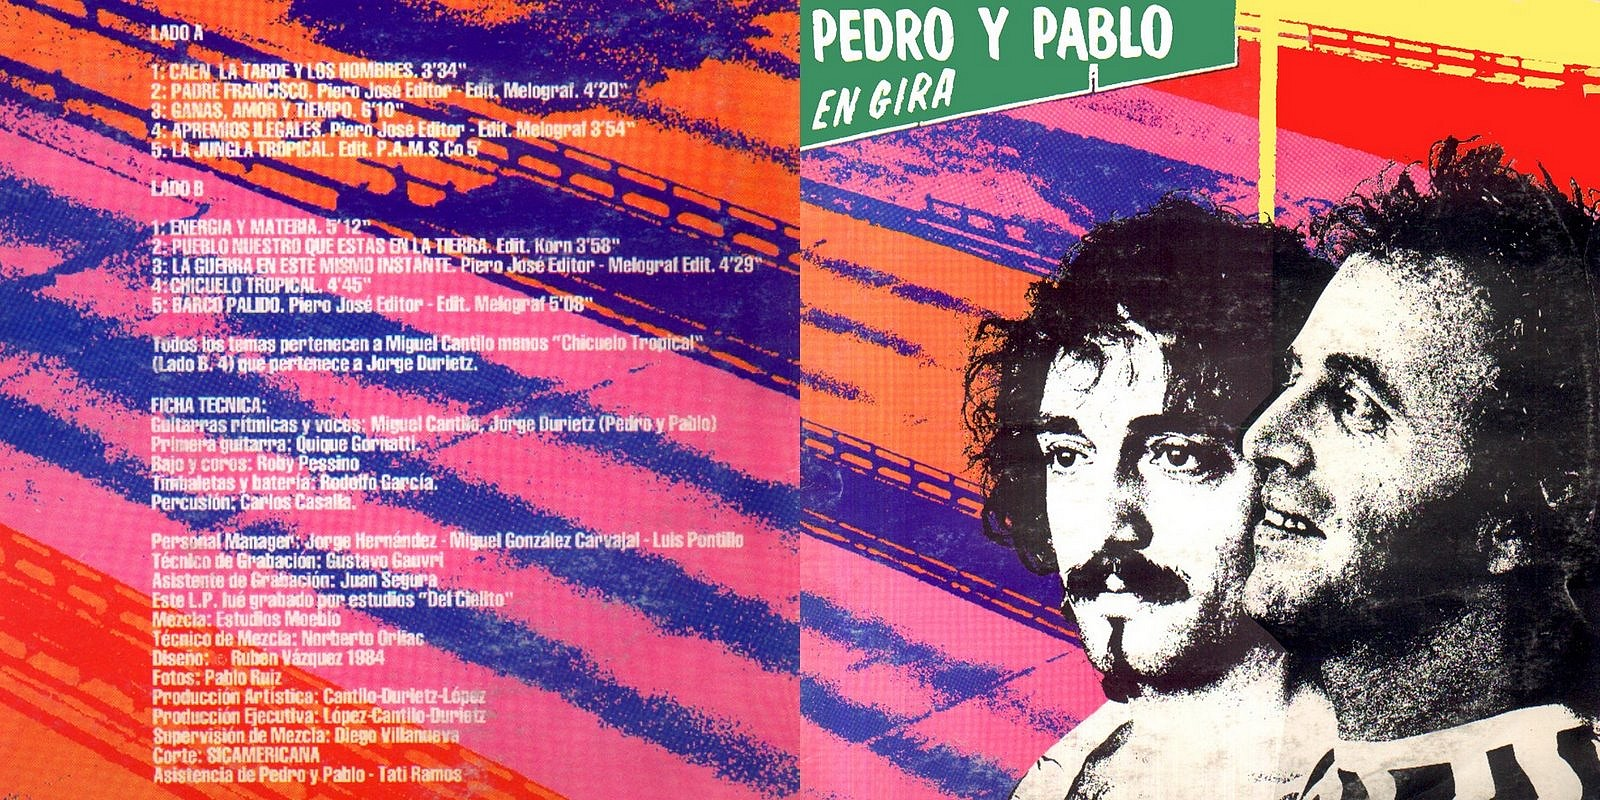 Cabeza de Moog !: Pedro y Pablo - Pedro y Pablo \'En Gira\' (1984-1992)